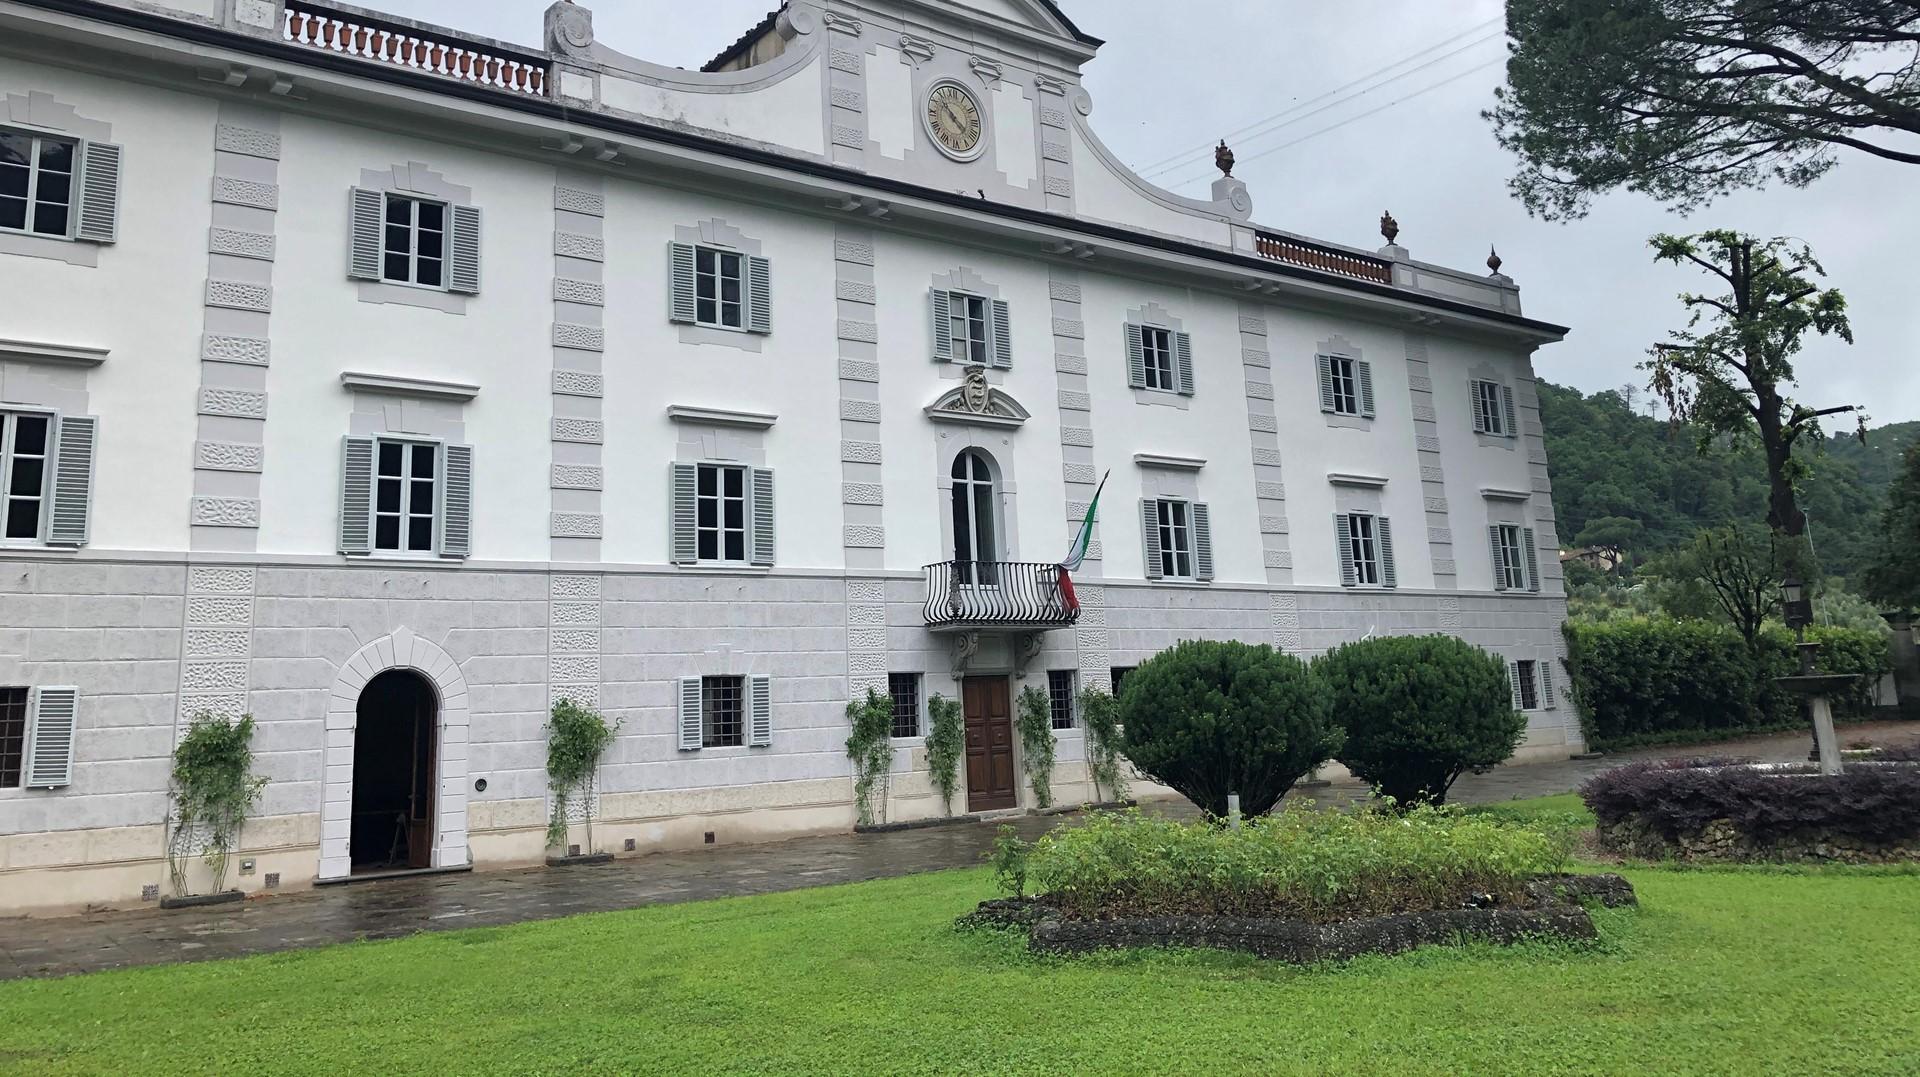 Intervento di manutenzione con finiture minerali per la storica Villa Guicciardini a Usella (PO)